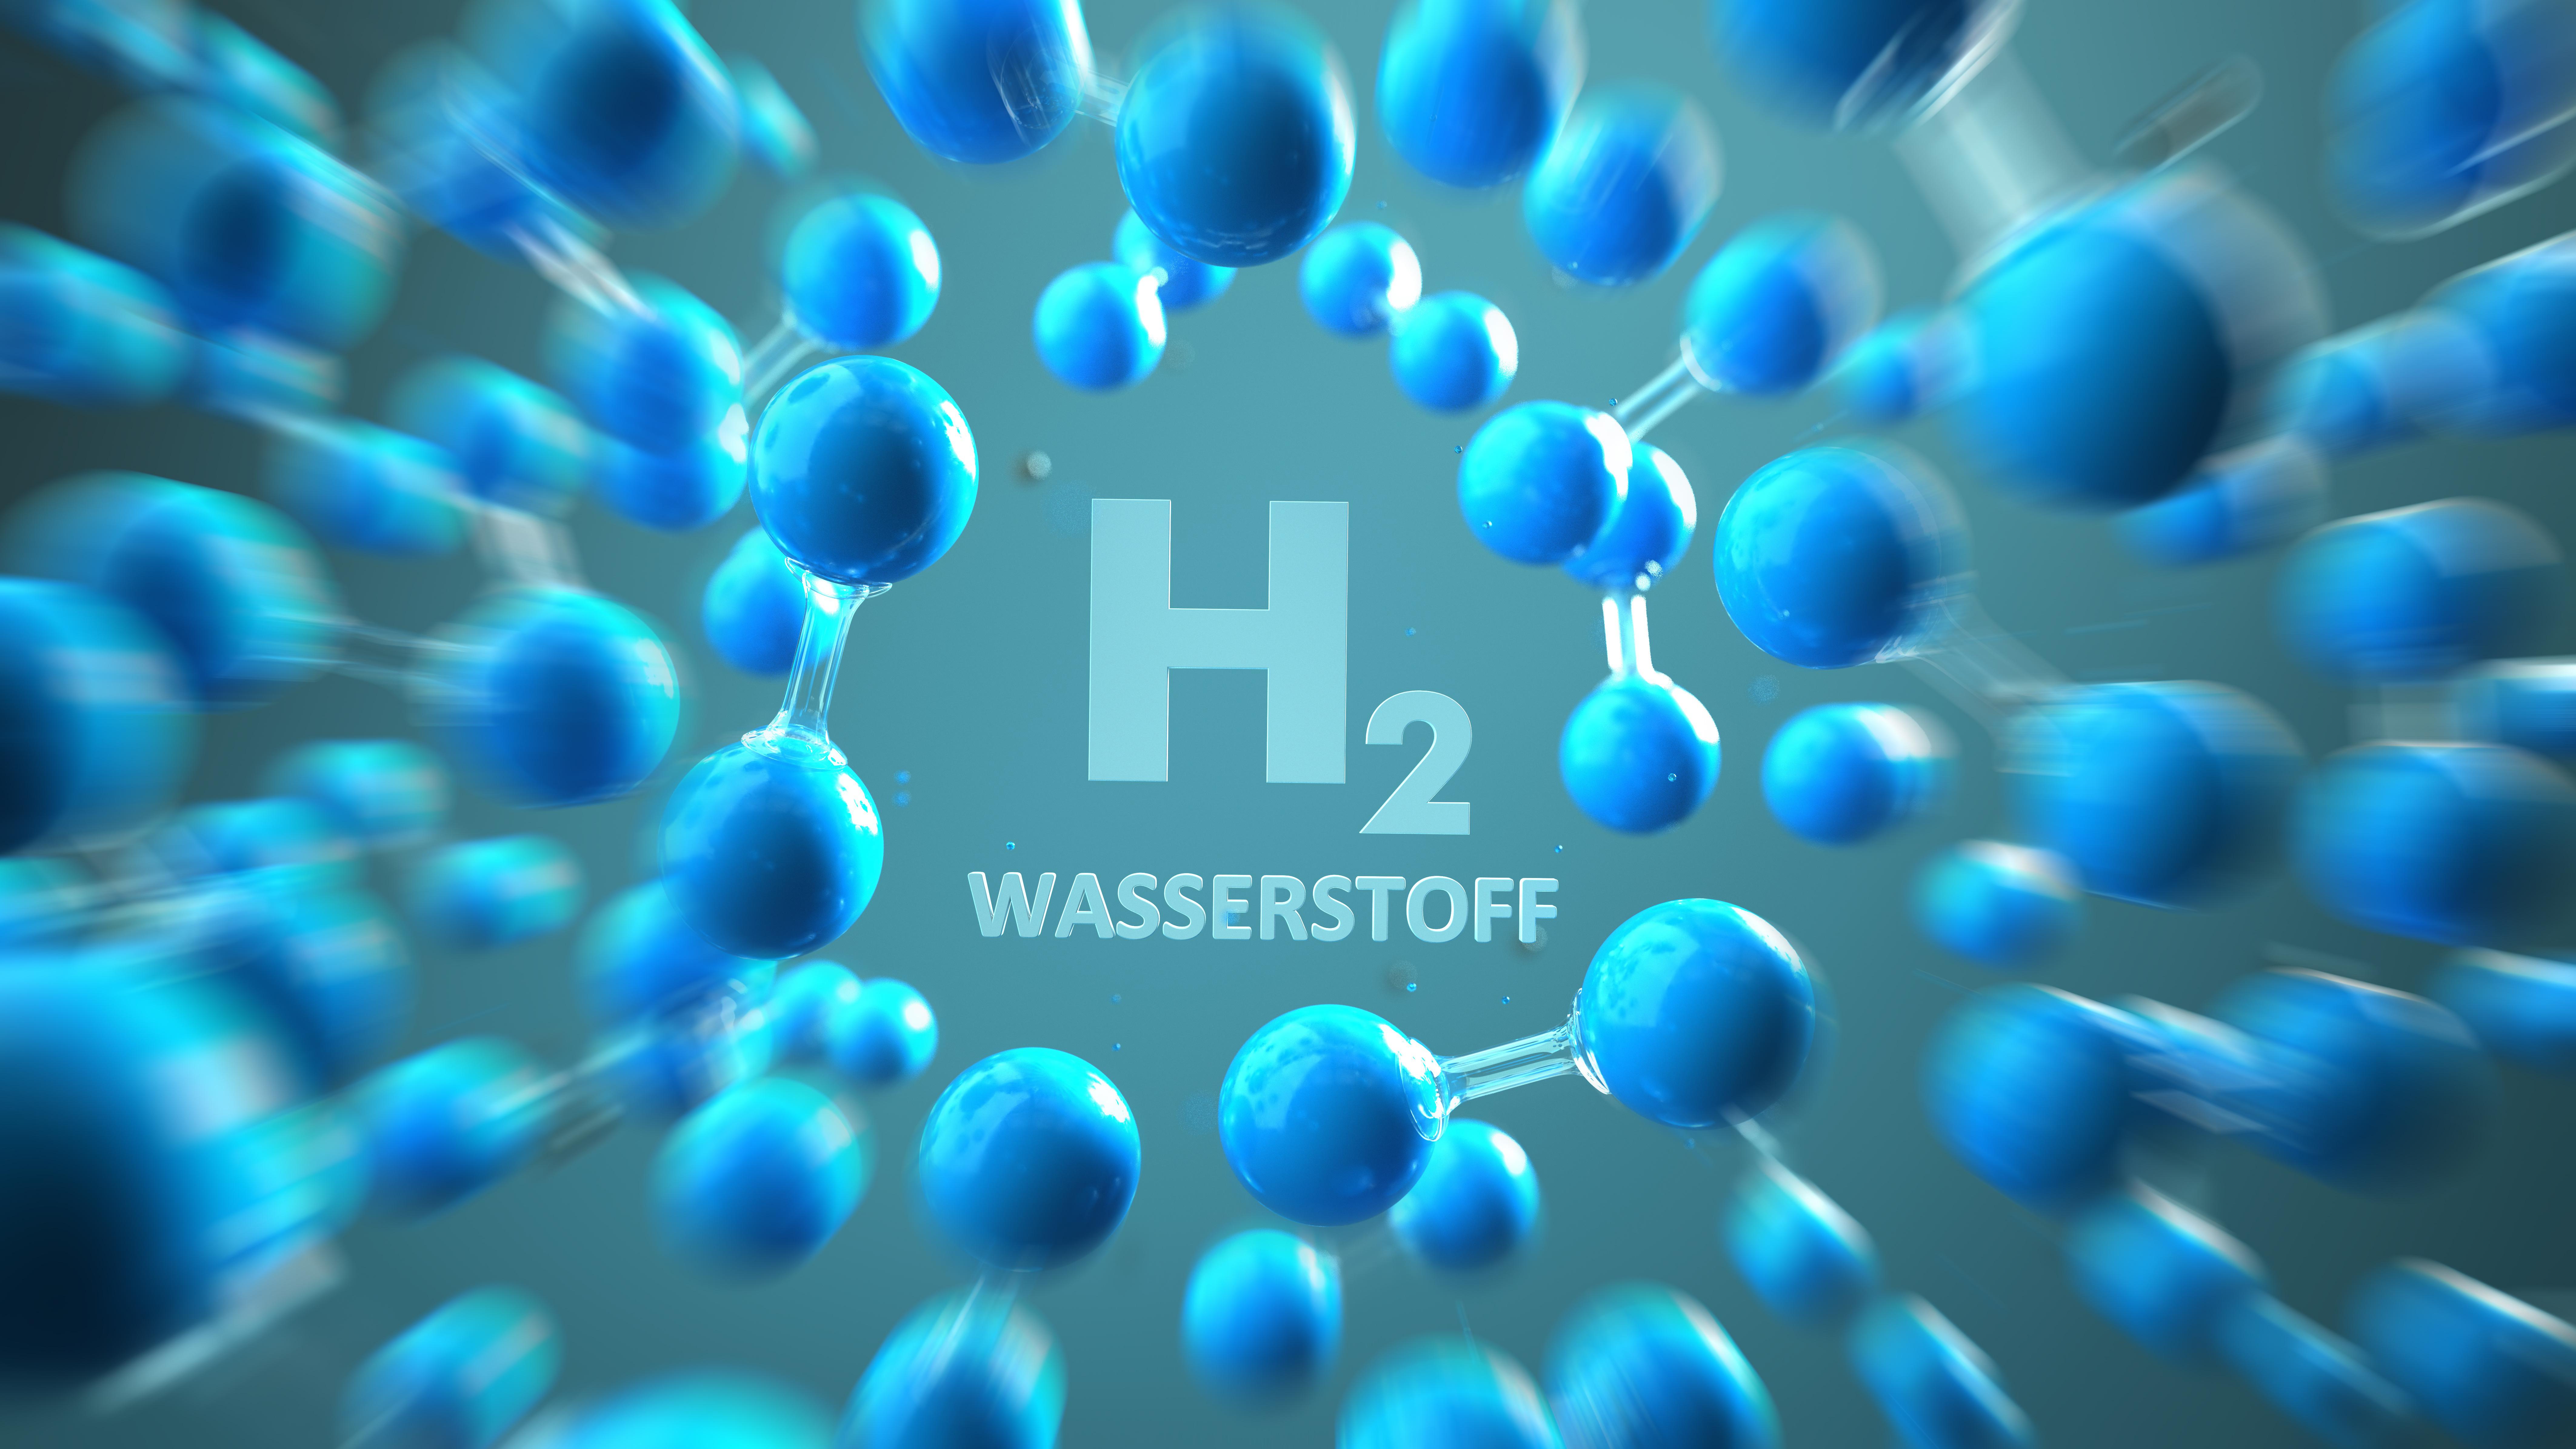 Die Farben des Wasserstoffs